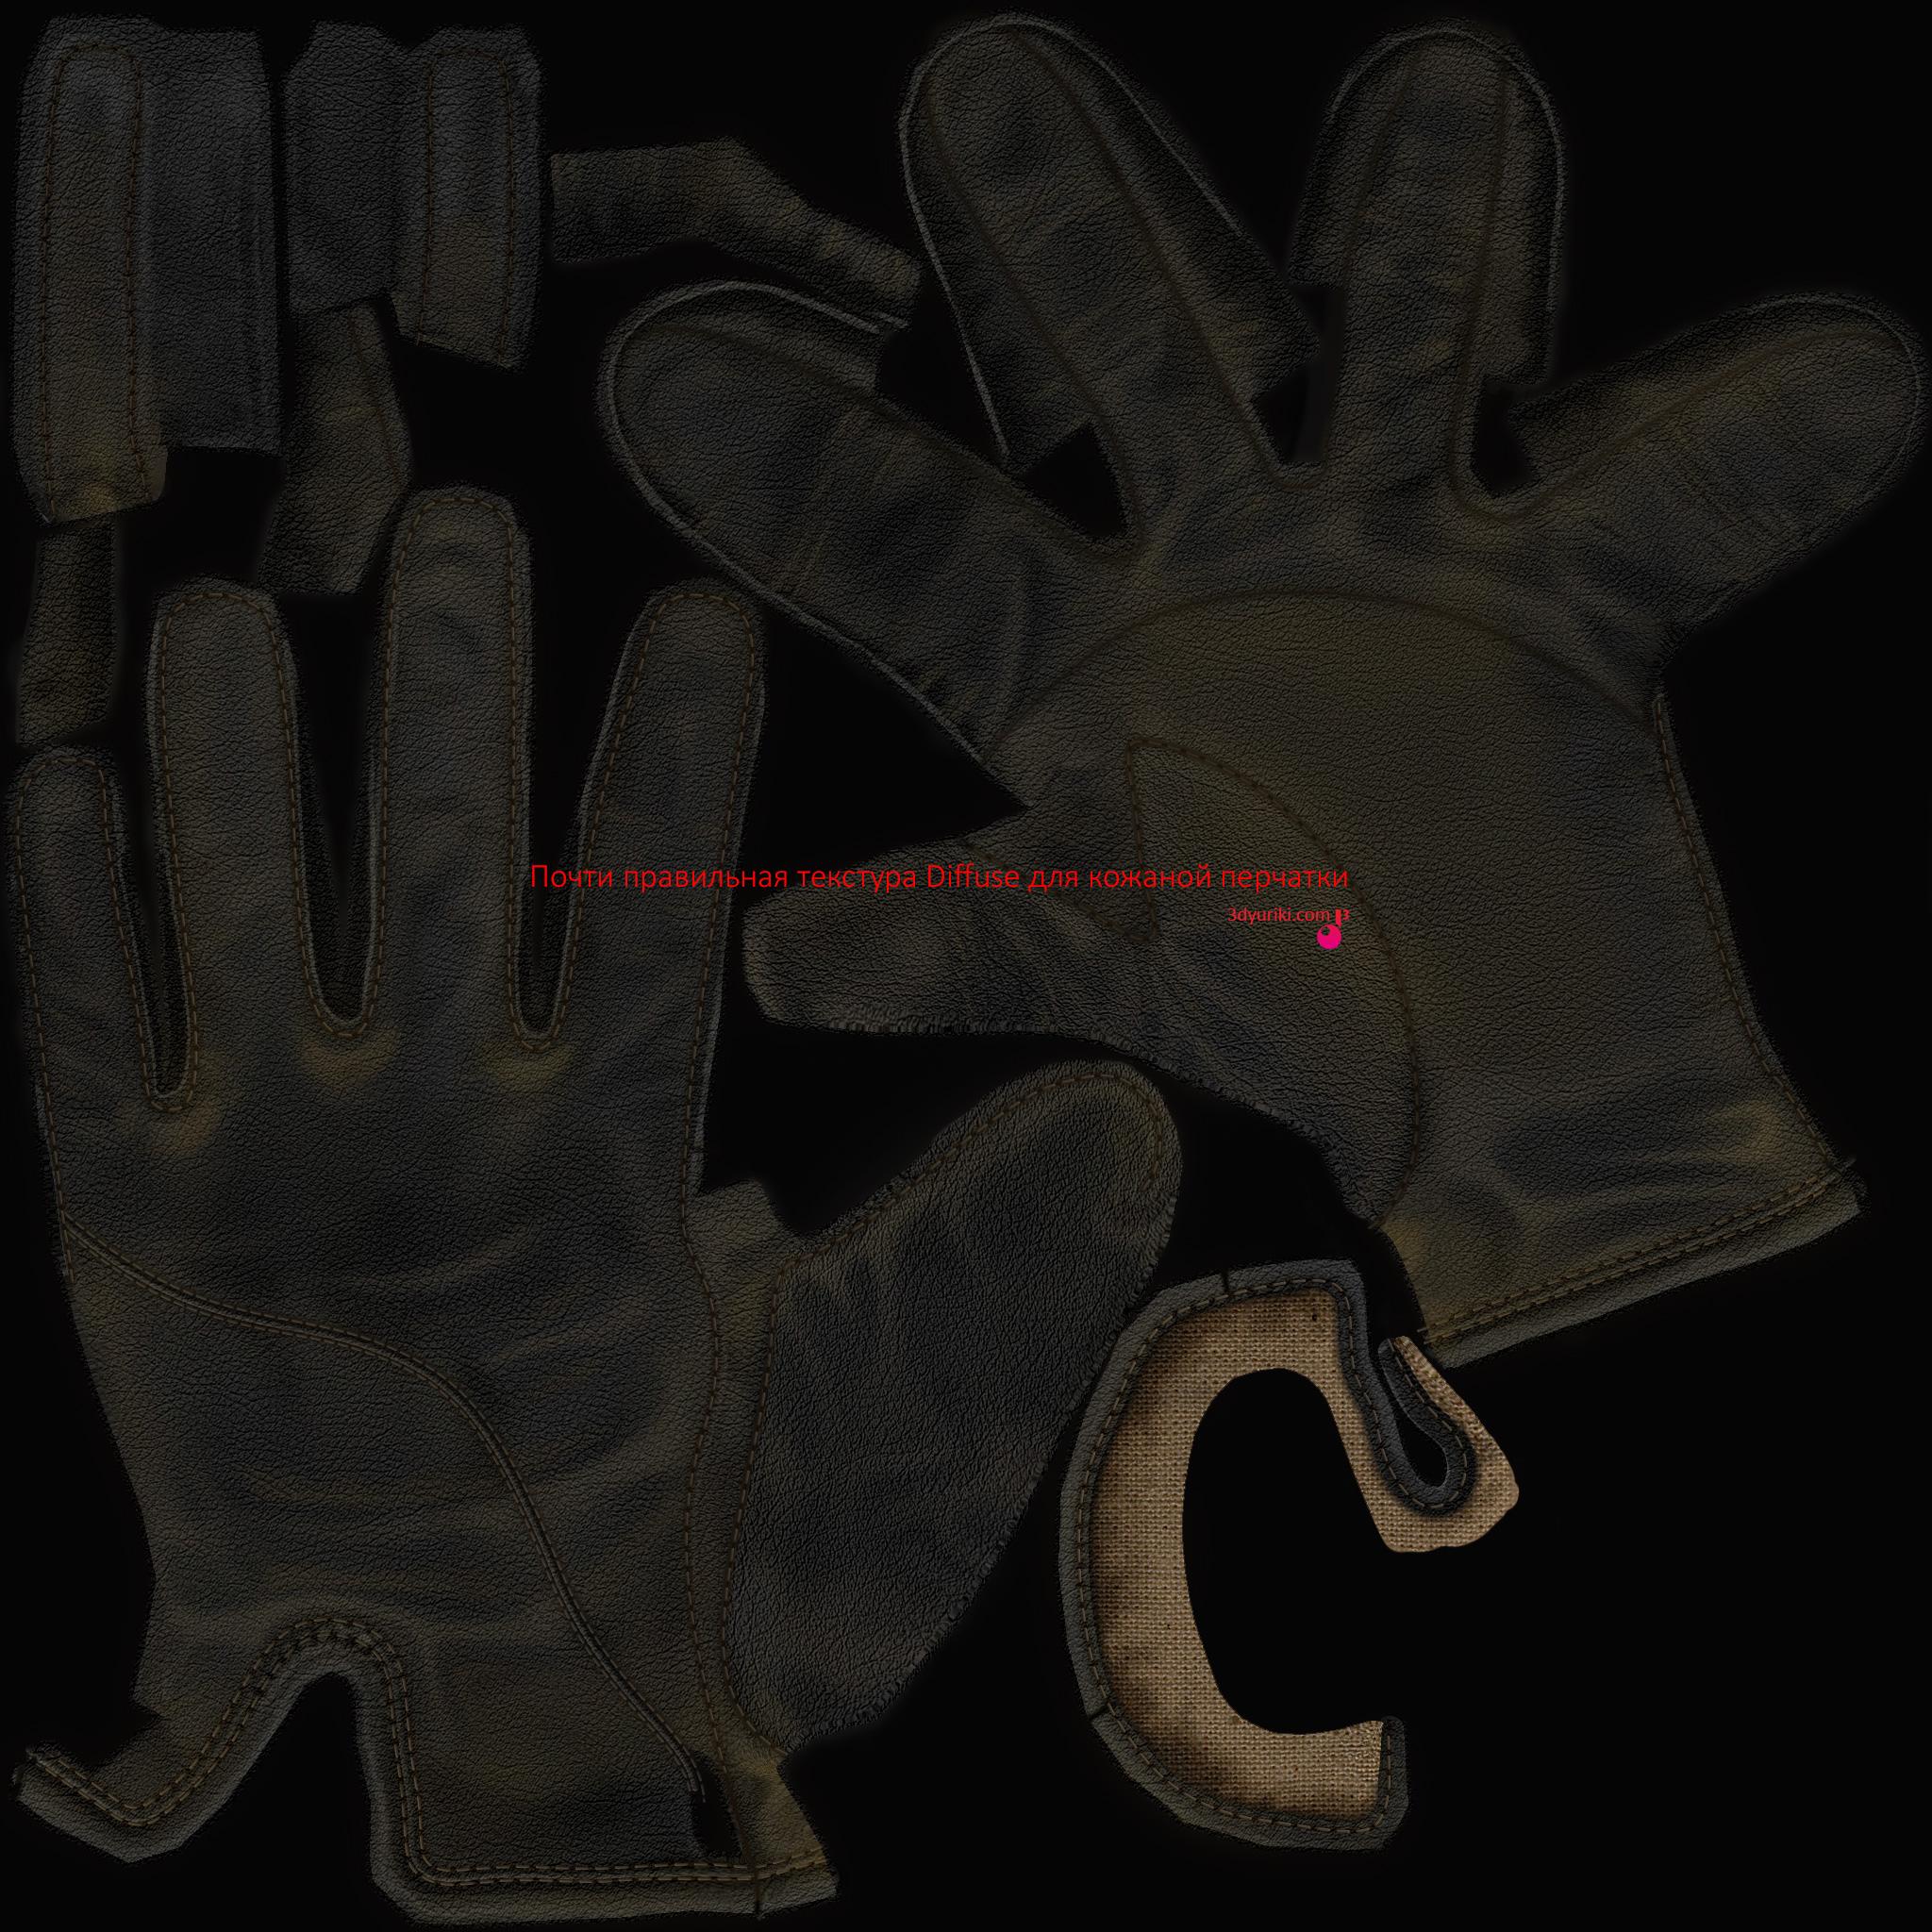 текстура перчаток: